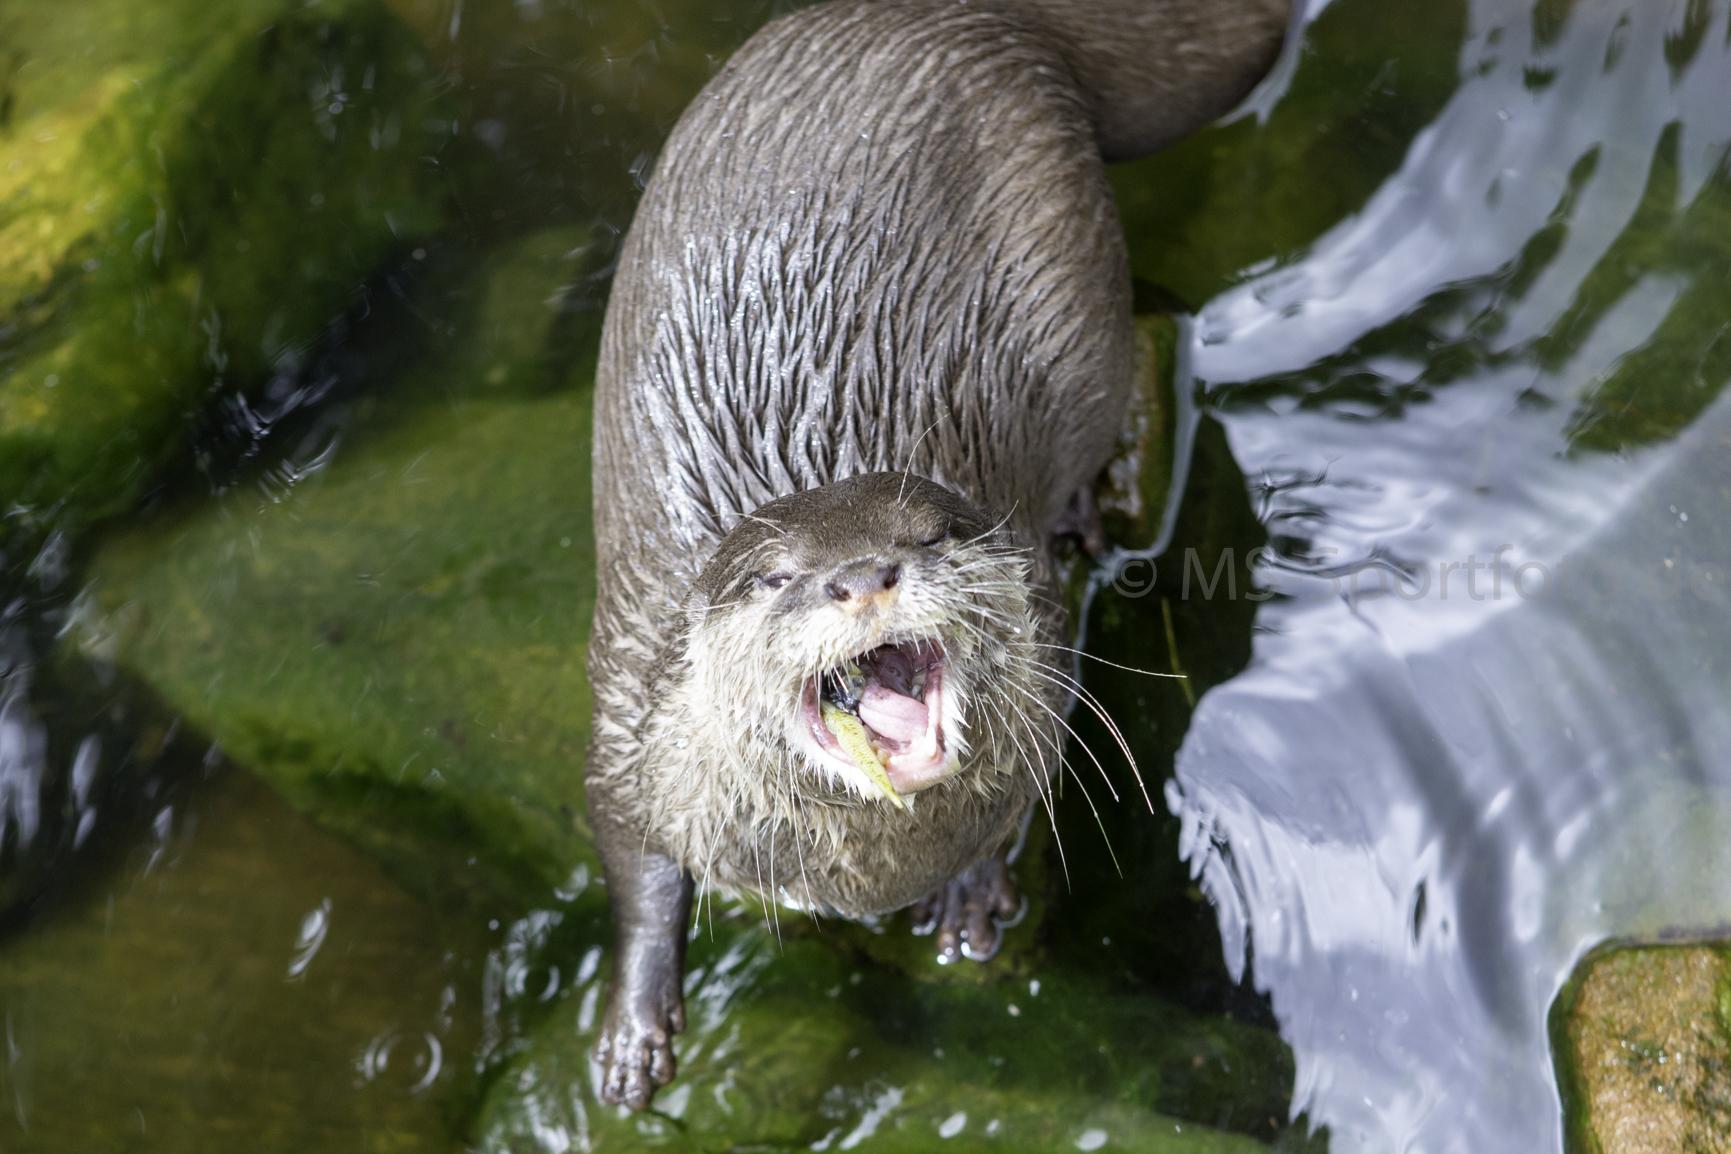 Schwimmen und Spenden zugunsten des Siegelbacher Zoos